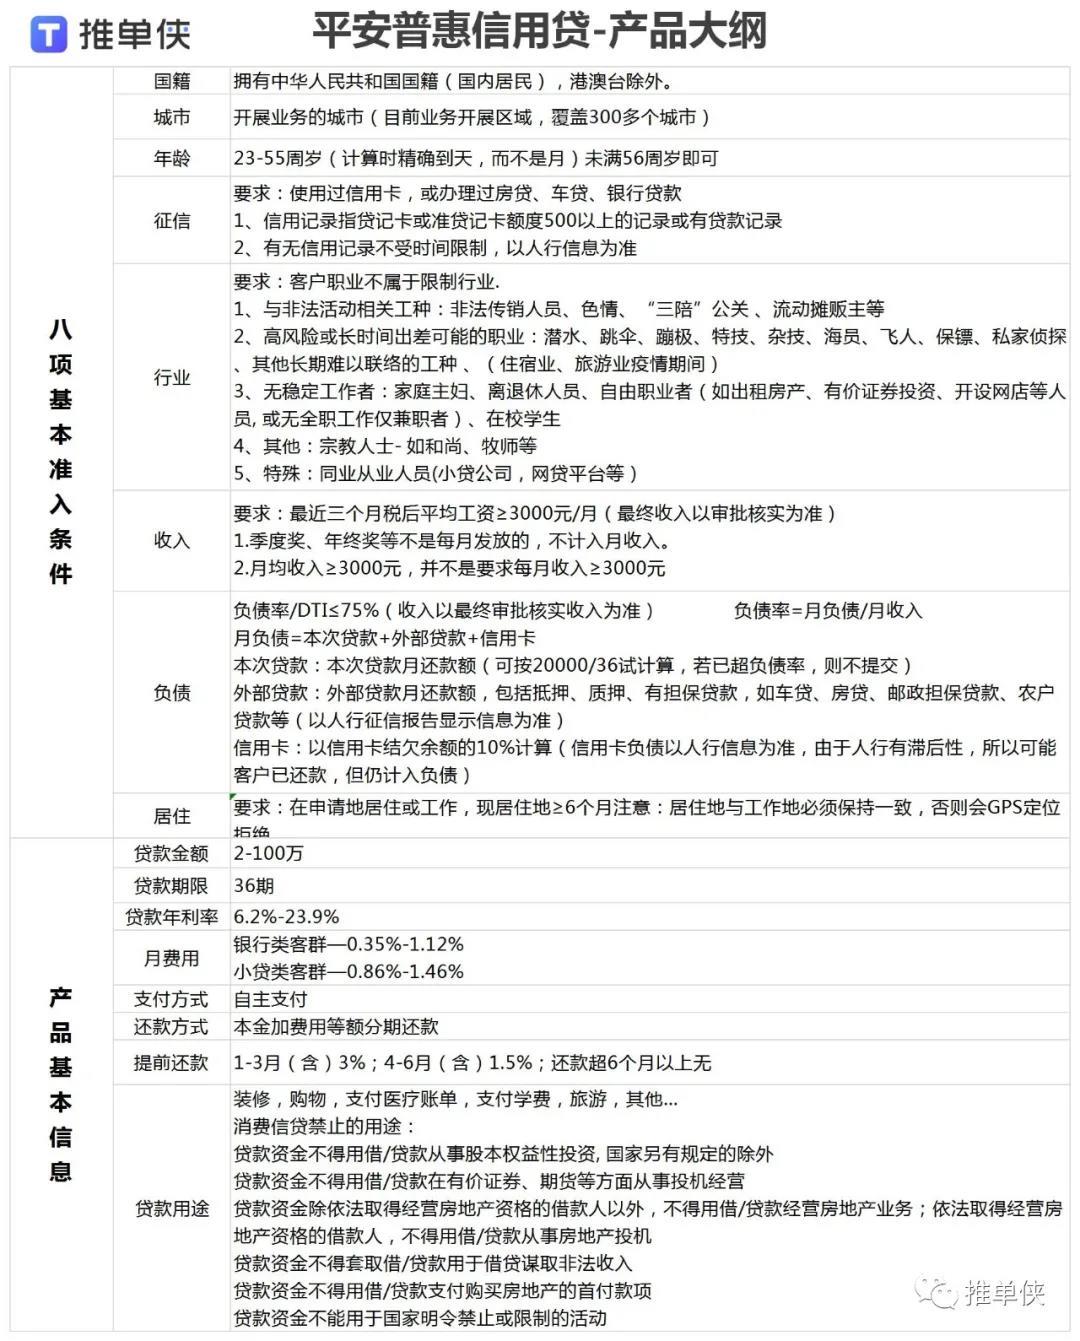 【平安普惠】最高100万无抵押贷款 点击在线申请